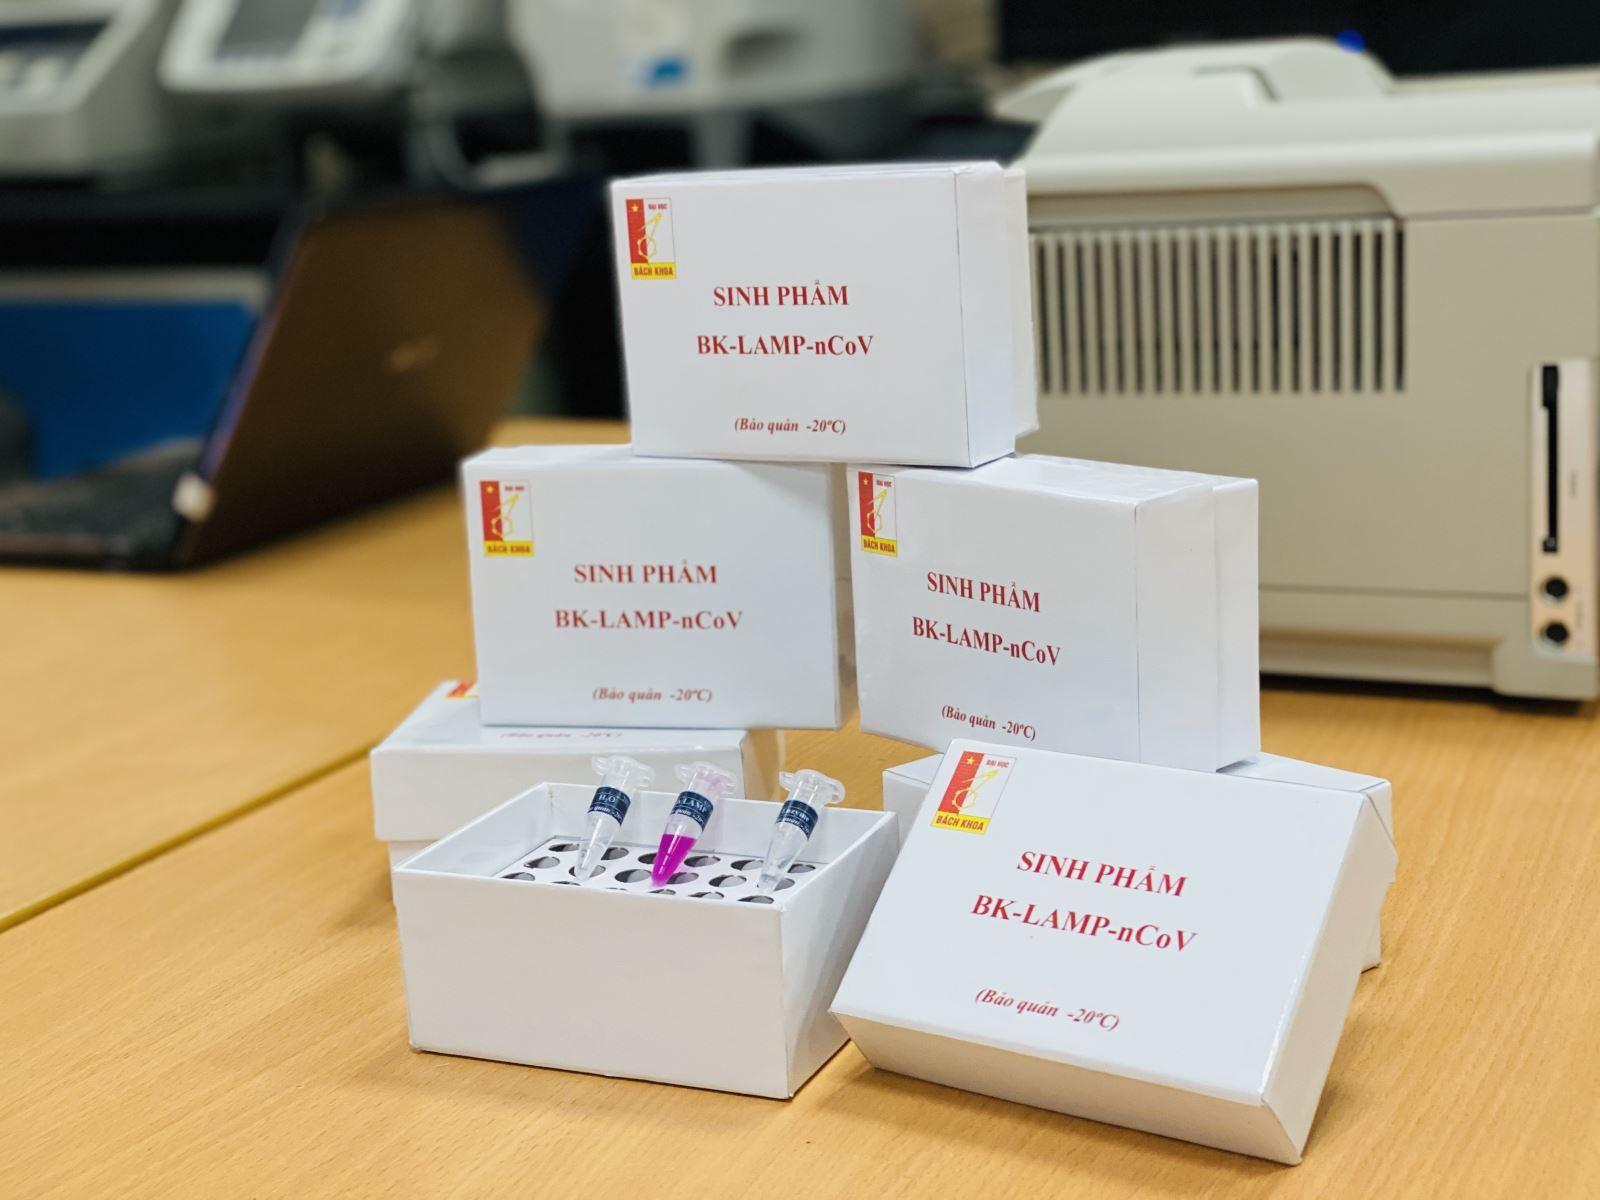 Các nhà khoa học nghiên cứu thành công Kit thử nhanh virus corona trong 70 phút